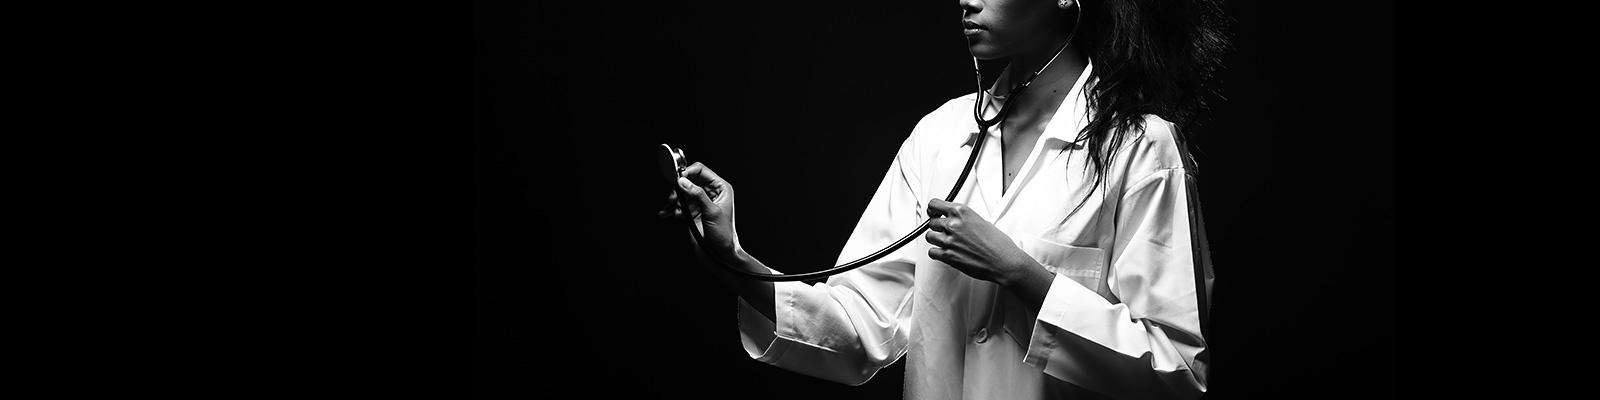 人種 医療 イメージ